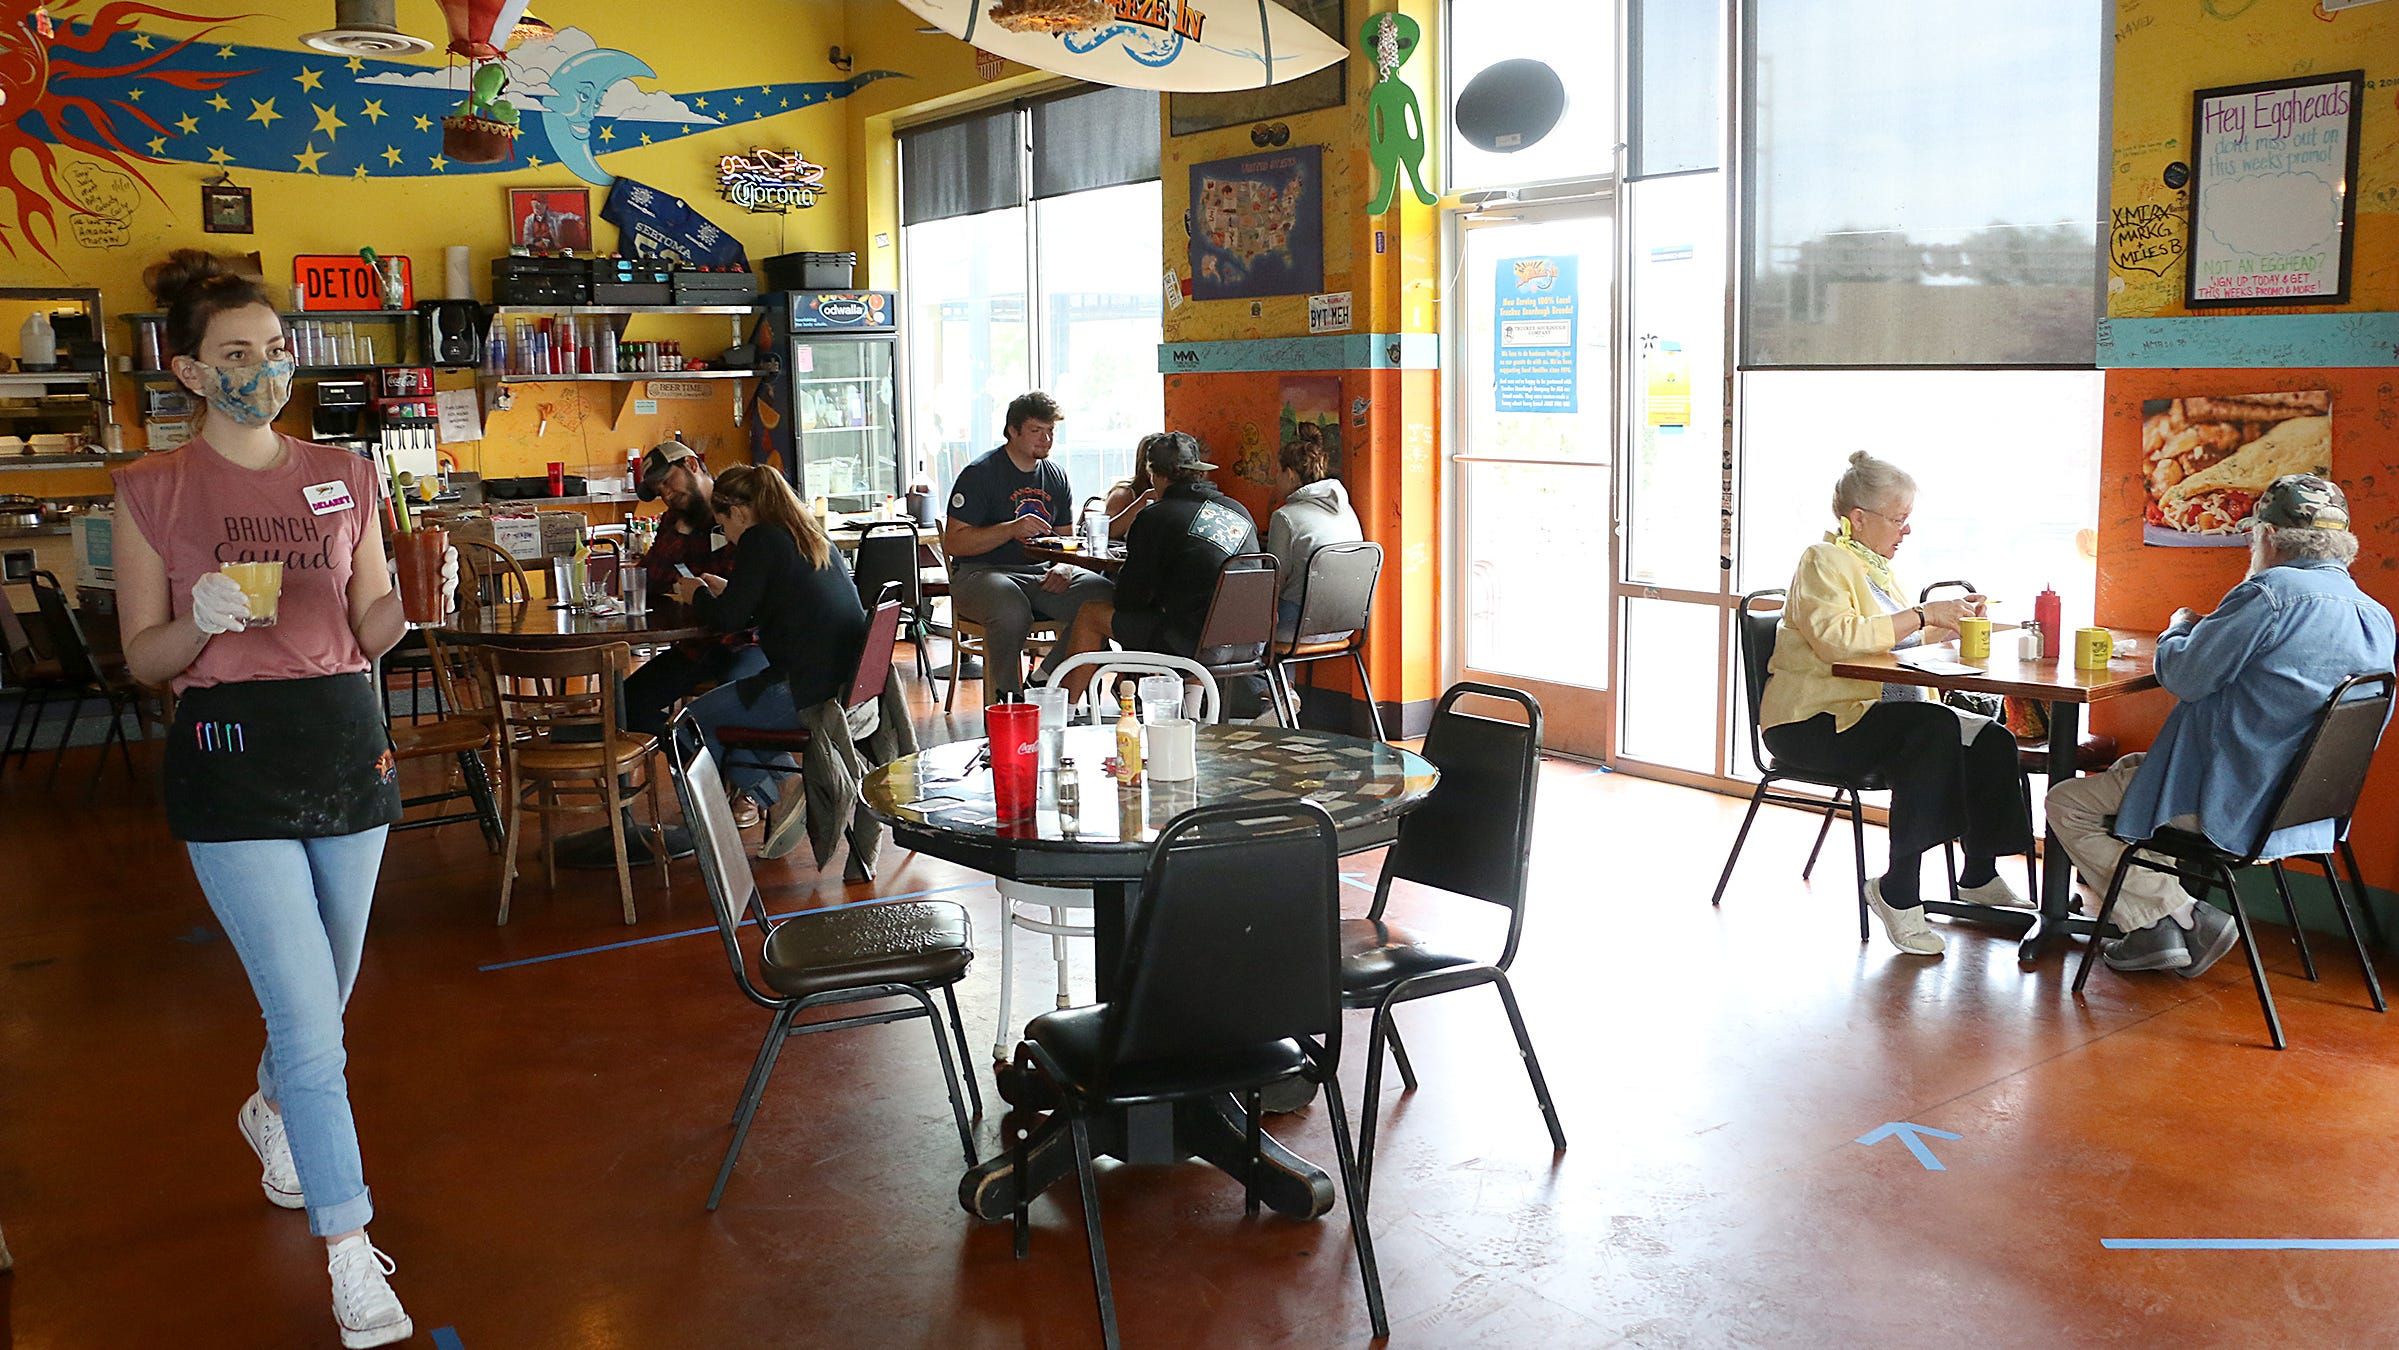 Reno Restaurants Open Christmas Day 2020 Coronavirus: Reno restaurants reopen after 7 weeks